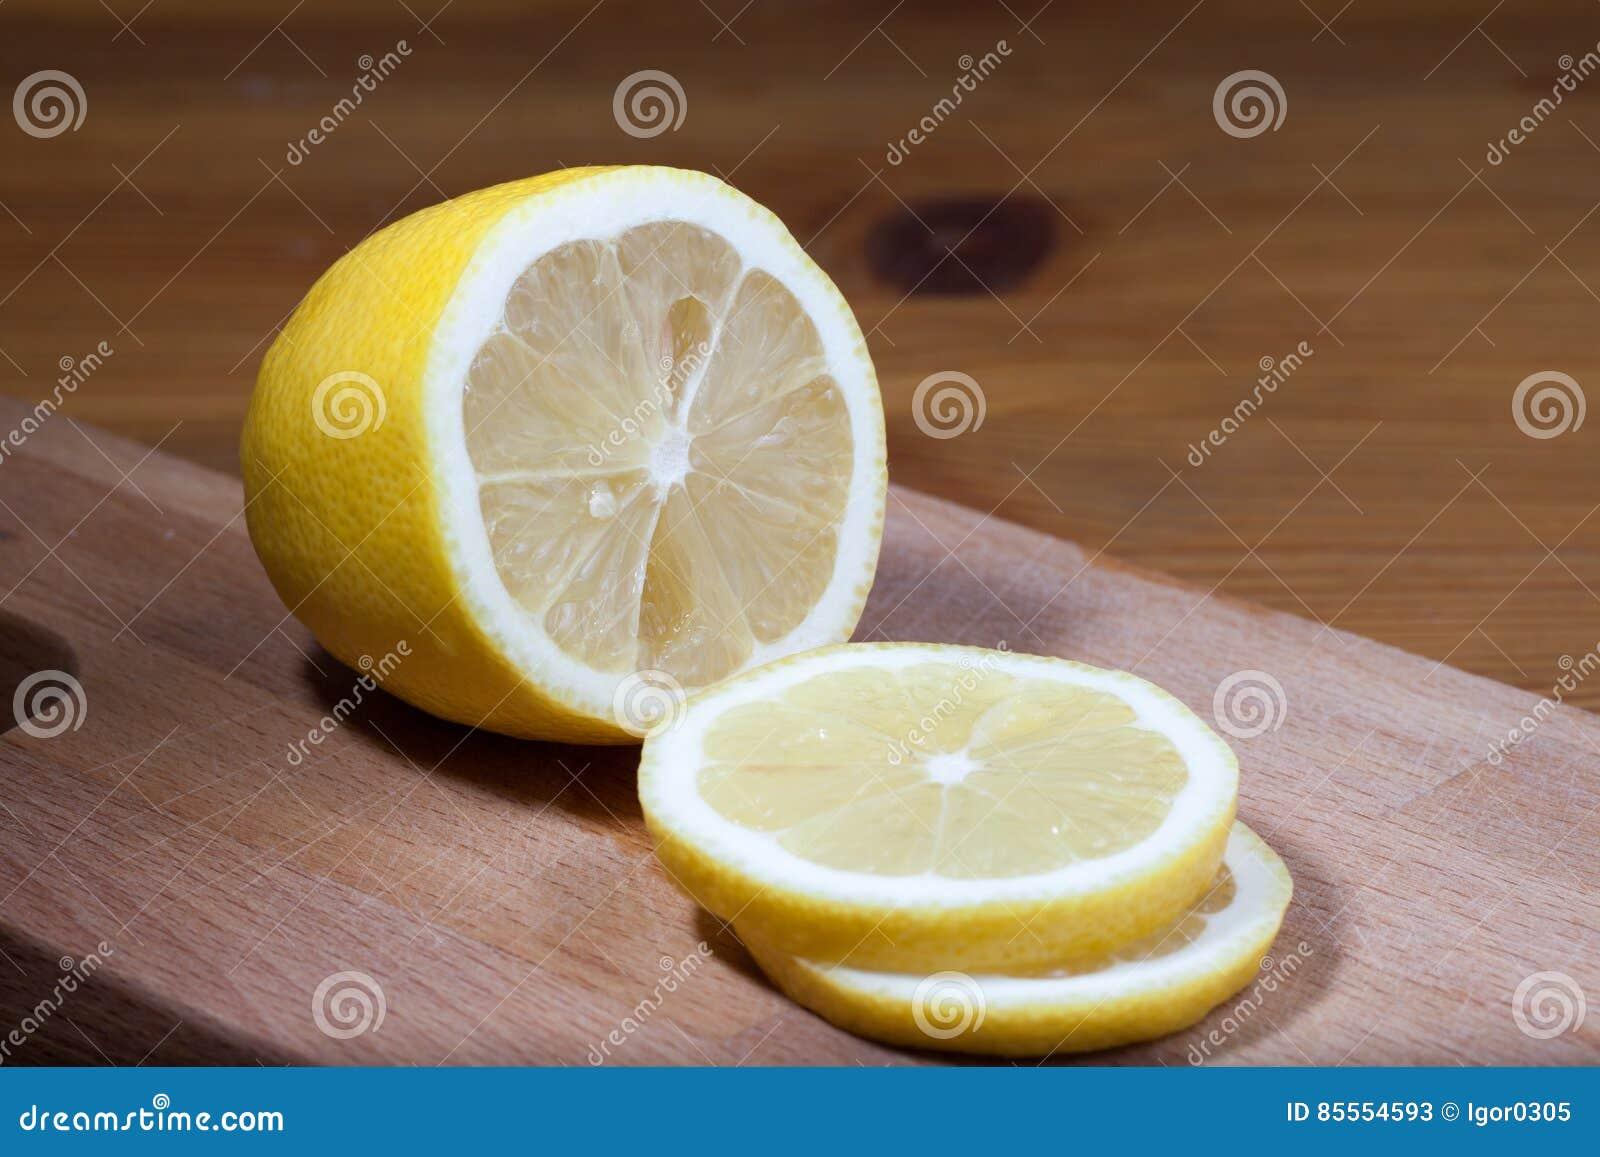 Zitronenscheiben auf dem Schneidebrett